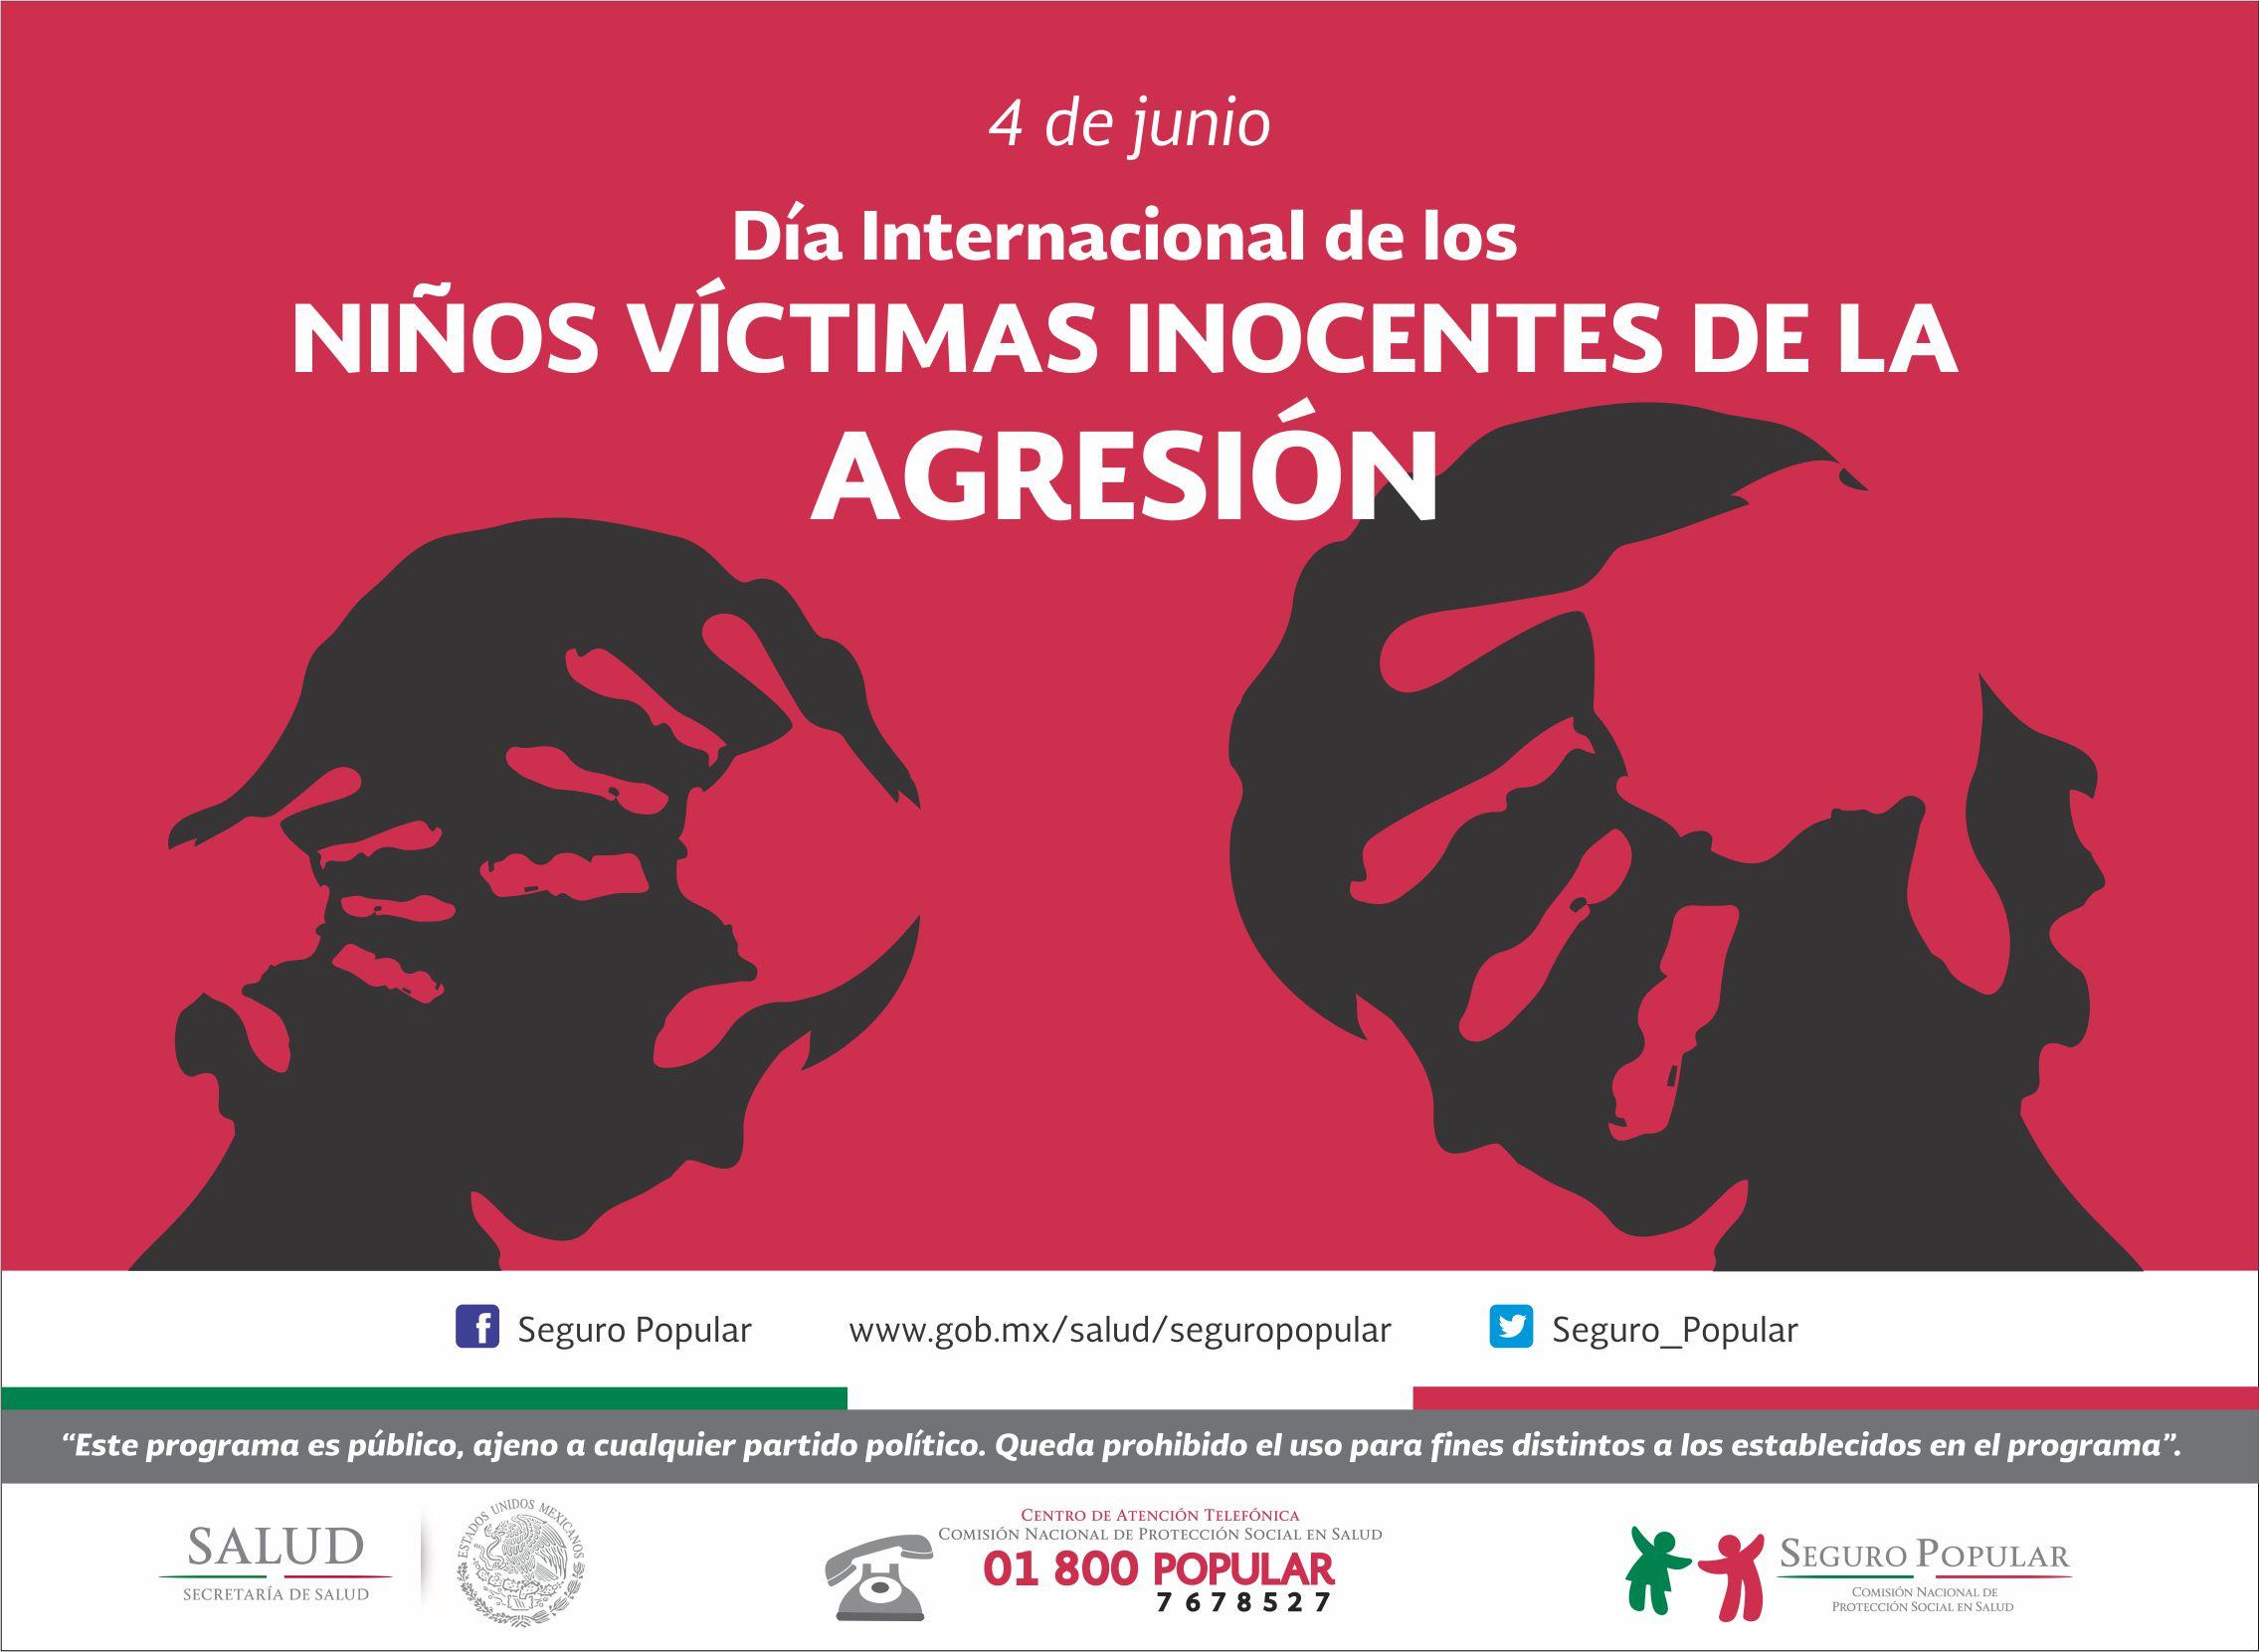 Día Internacional de los Niños Víctimas Inocentes de la Agresión.